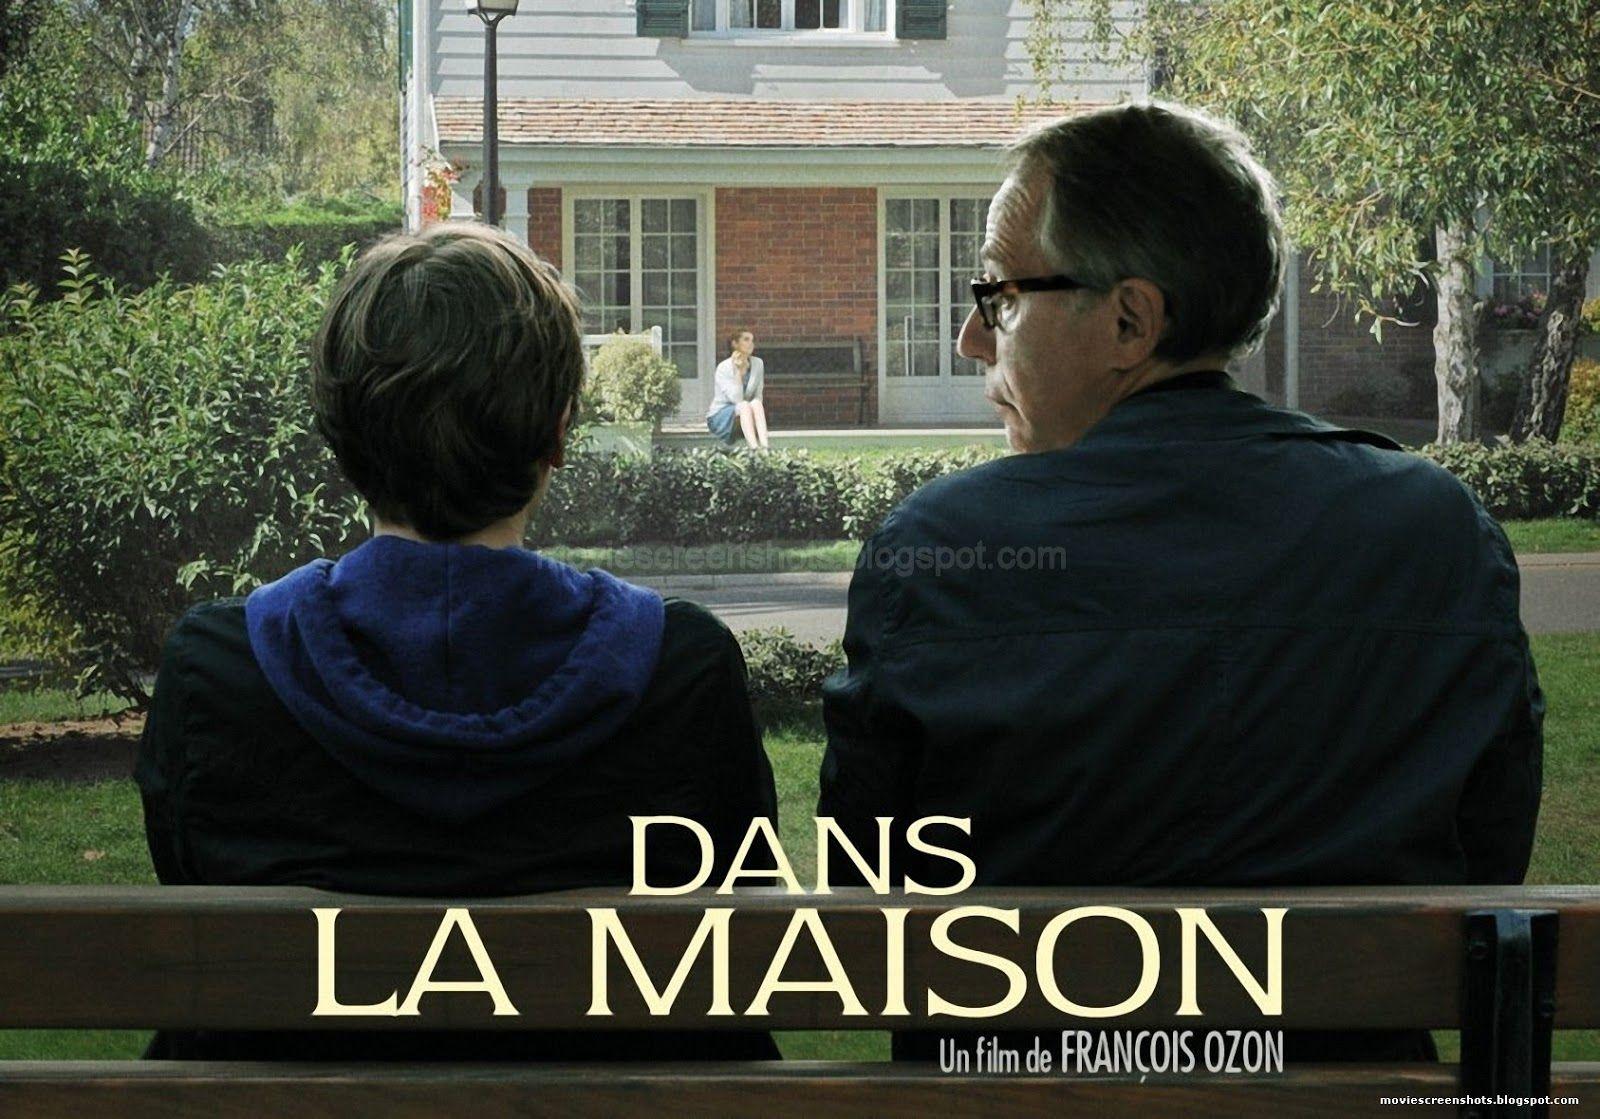 Image result for dans la maison movie